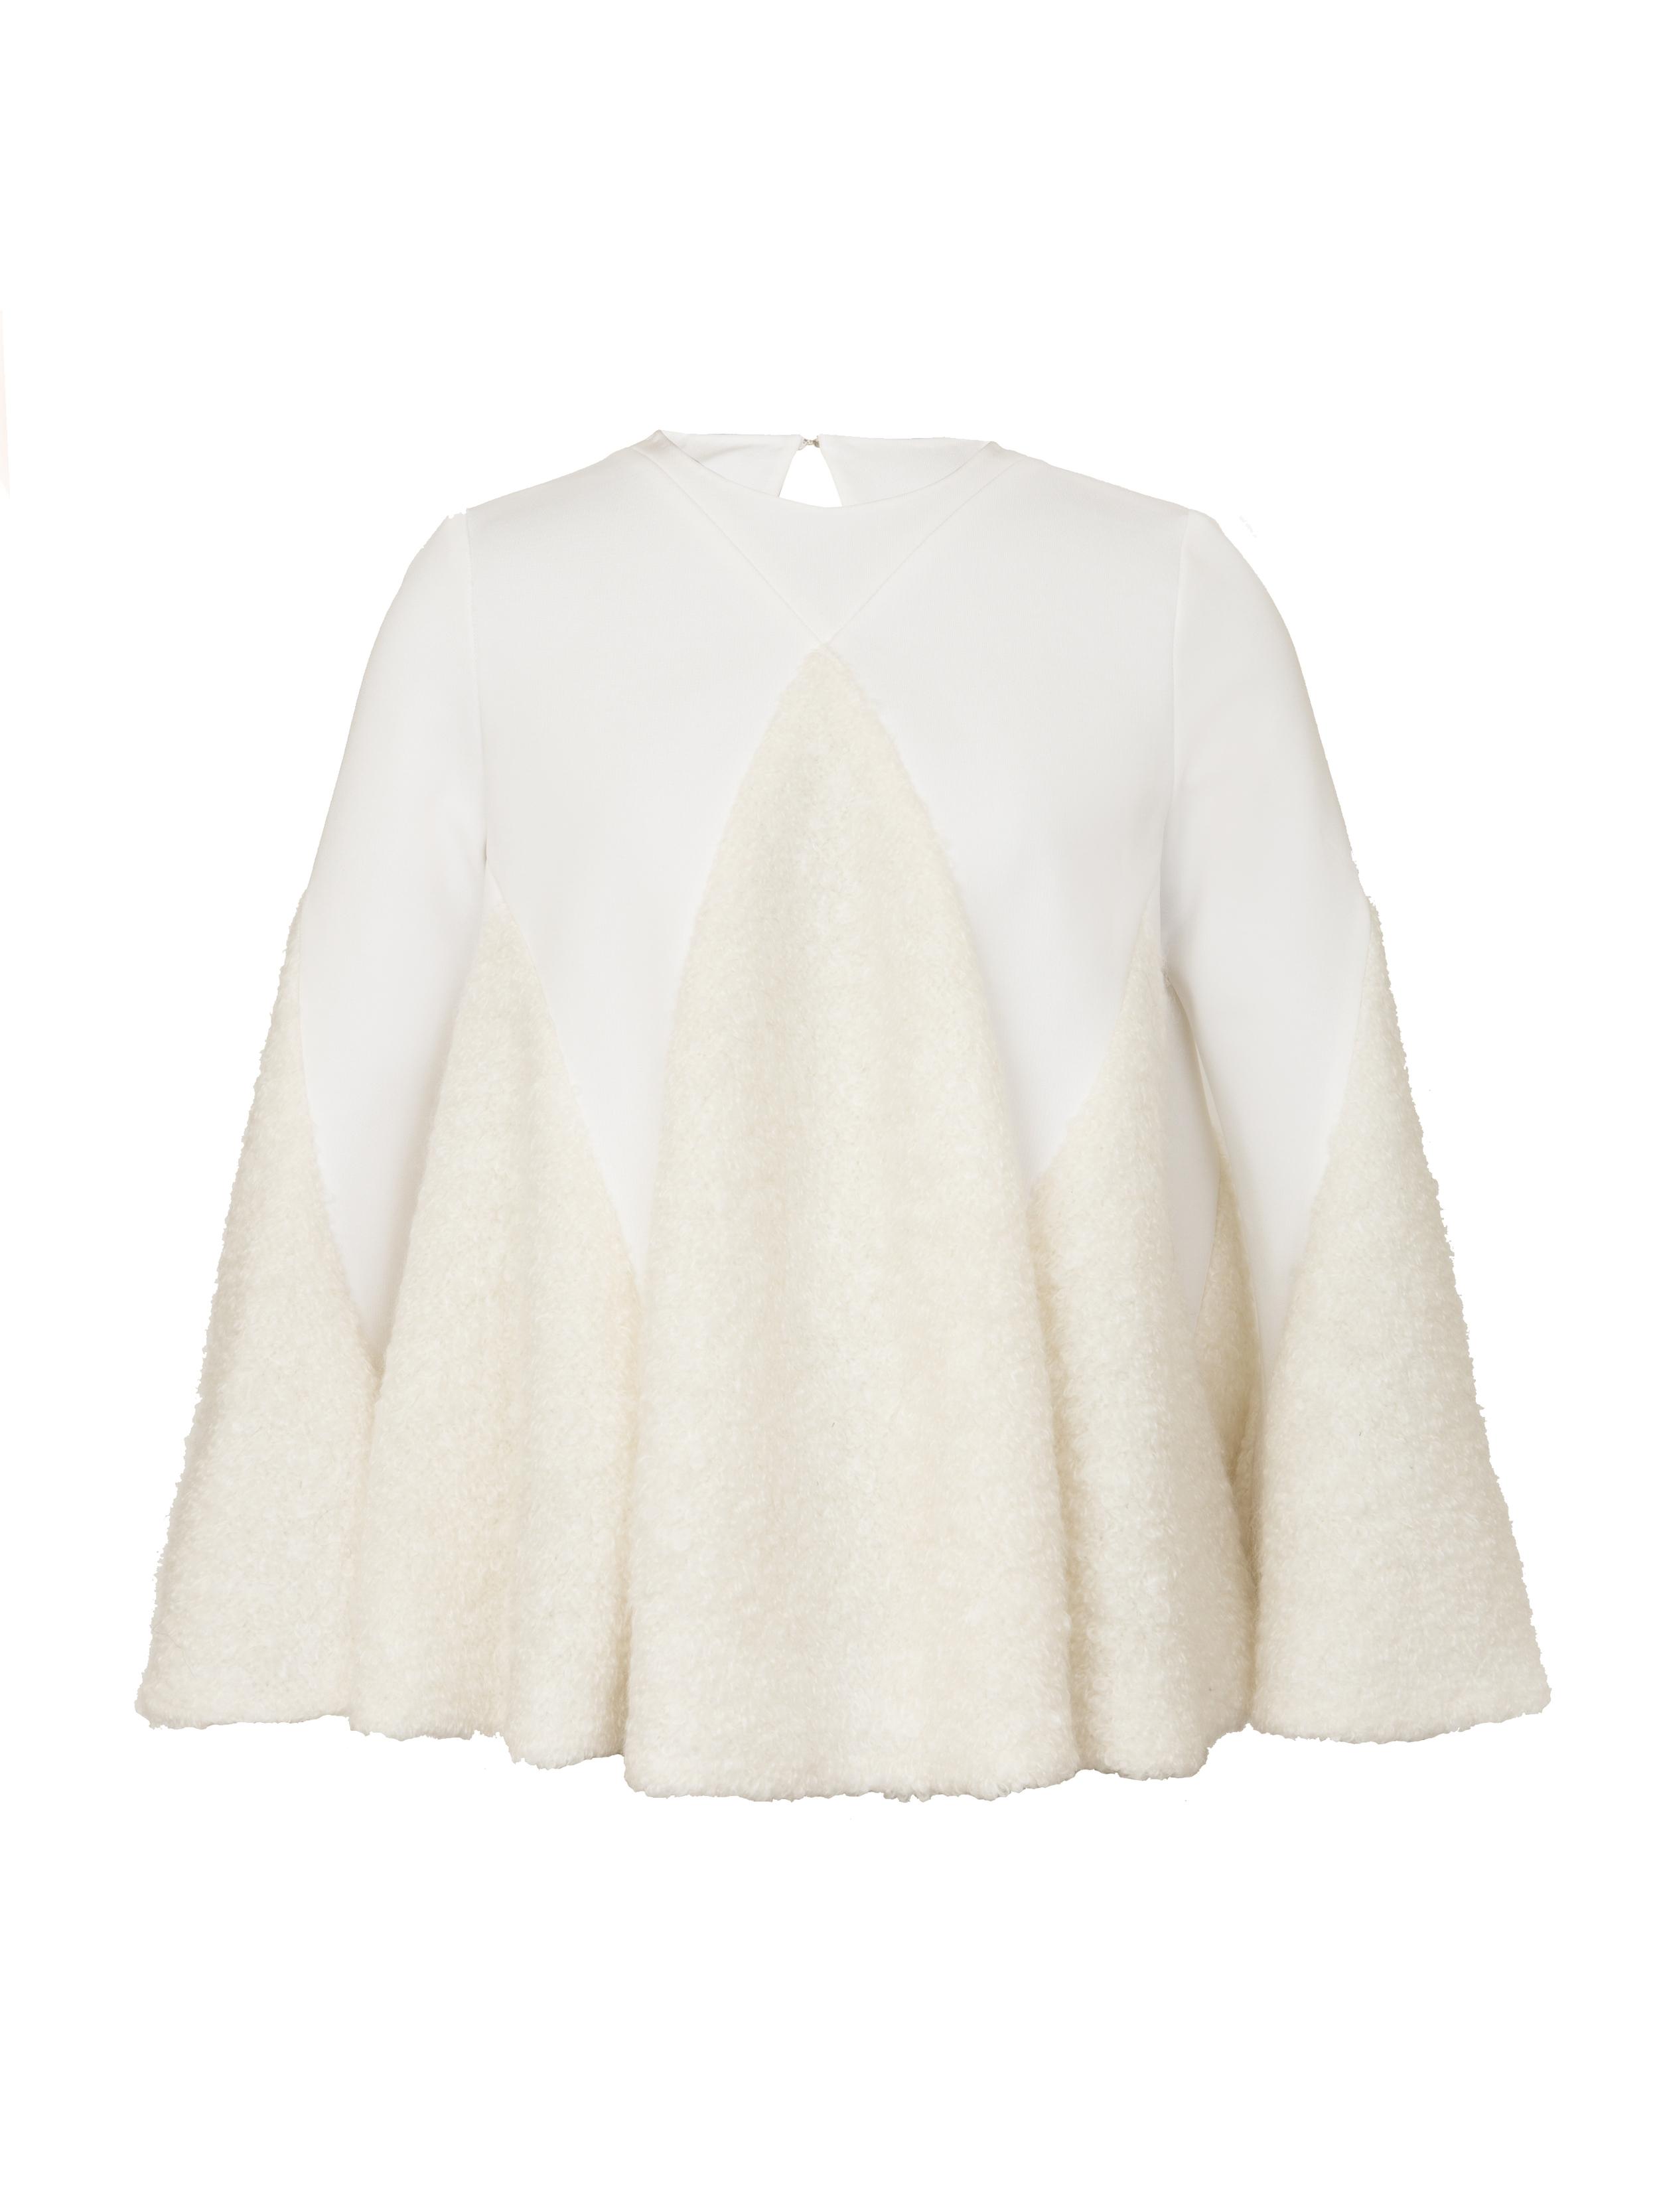 P2009-J, Wool Shag Flare L:S Top, Ivory.jpg